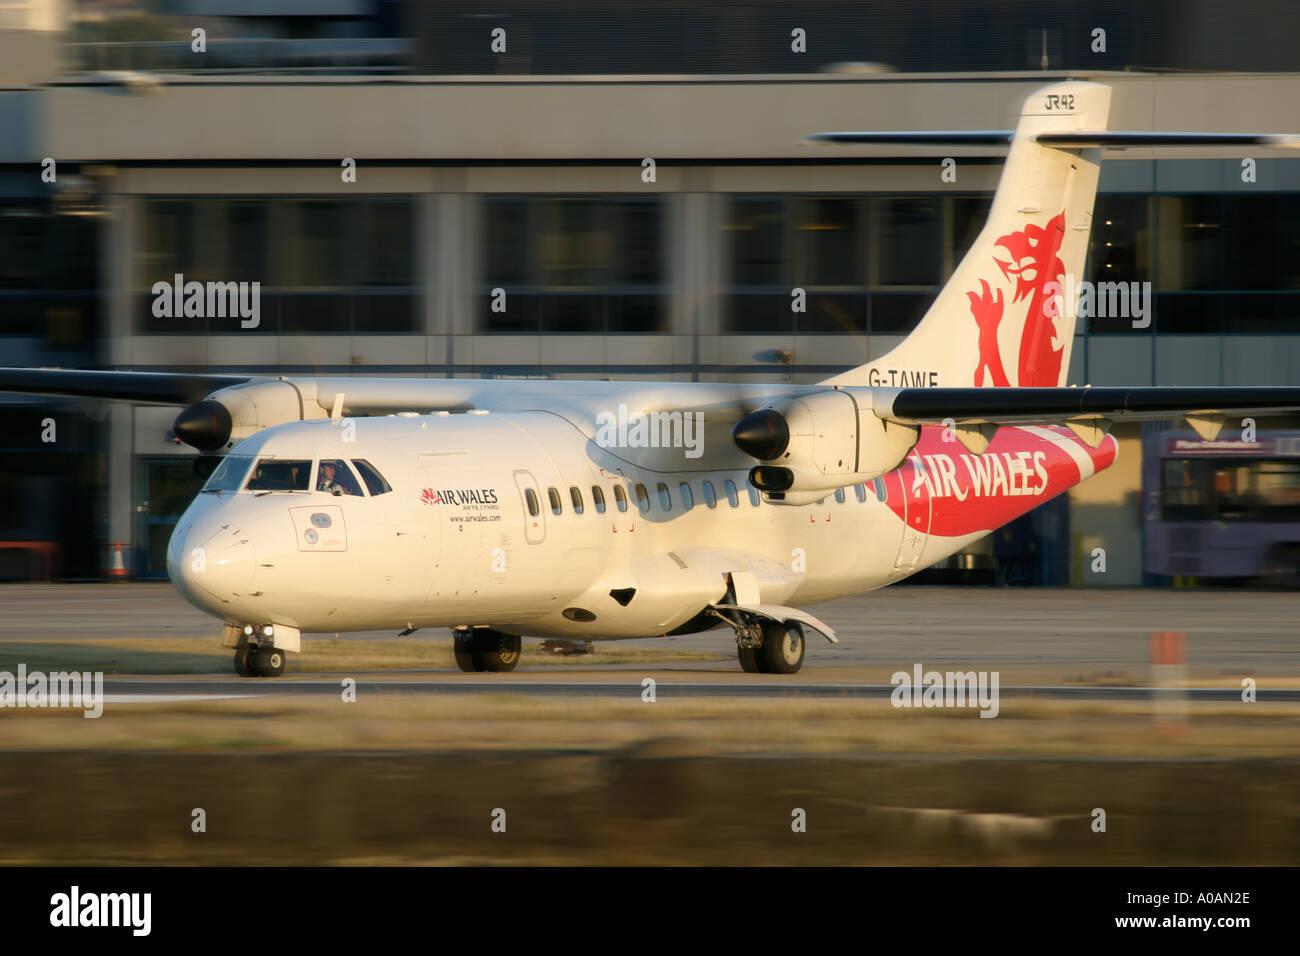 ATR 42 300 Air Wales at London City Airport - Stock Image